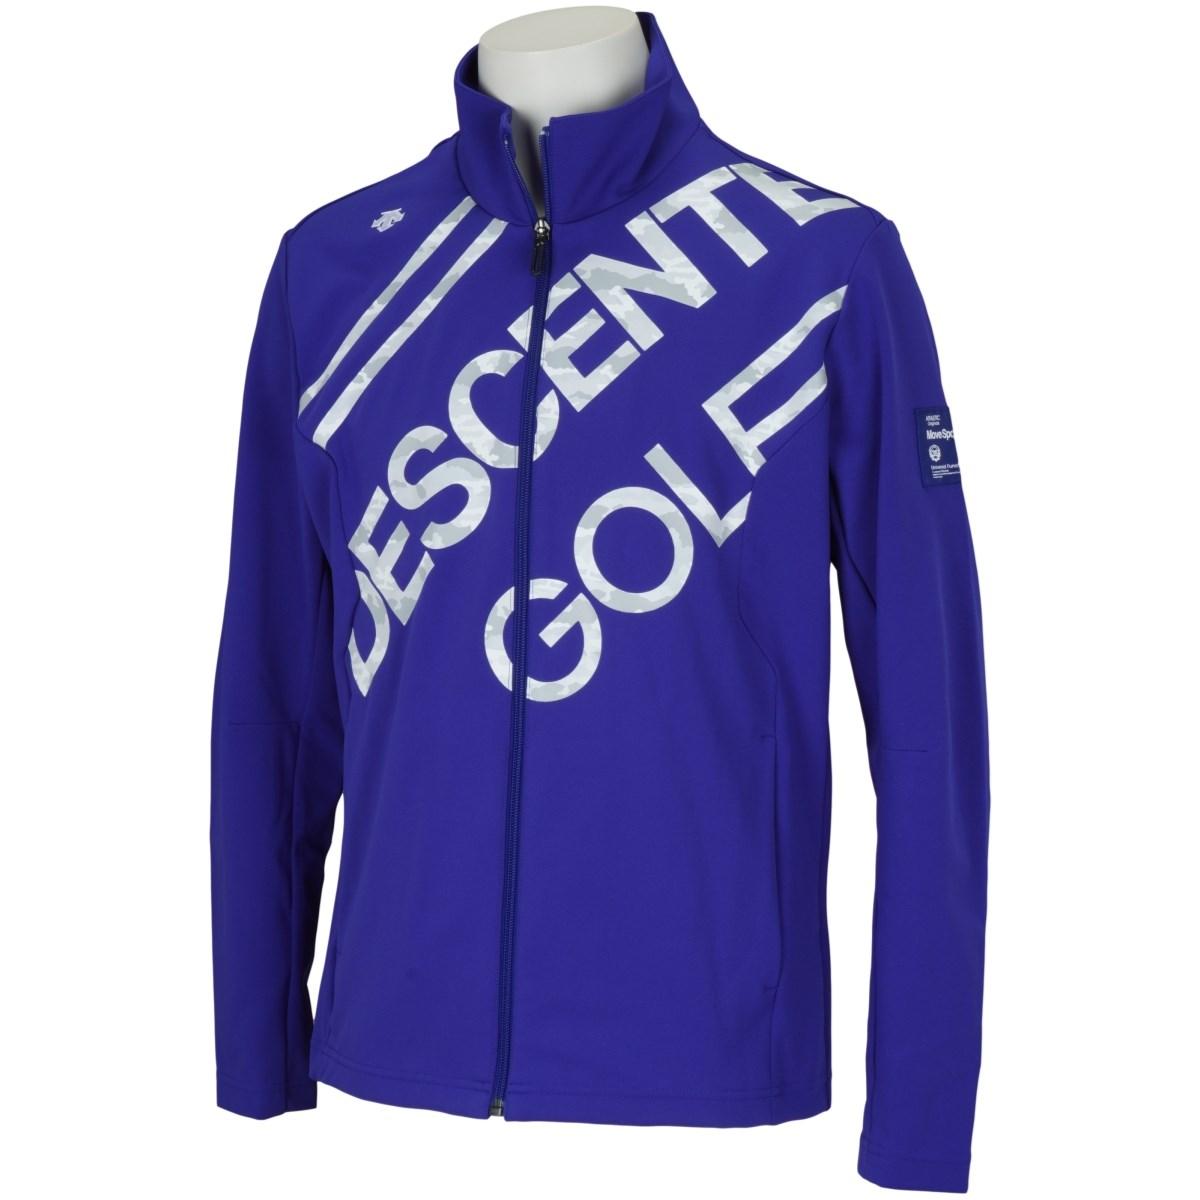 デサントゴルフ DESCENTE GOLF BLUE LABEL デルタカモフラロゴプリントジャージー ジャケット M ブルー 00